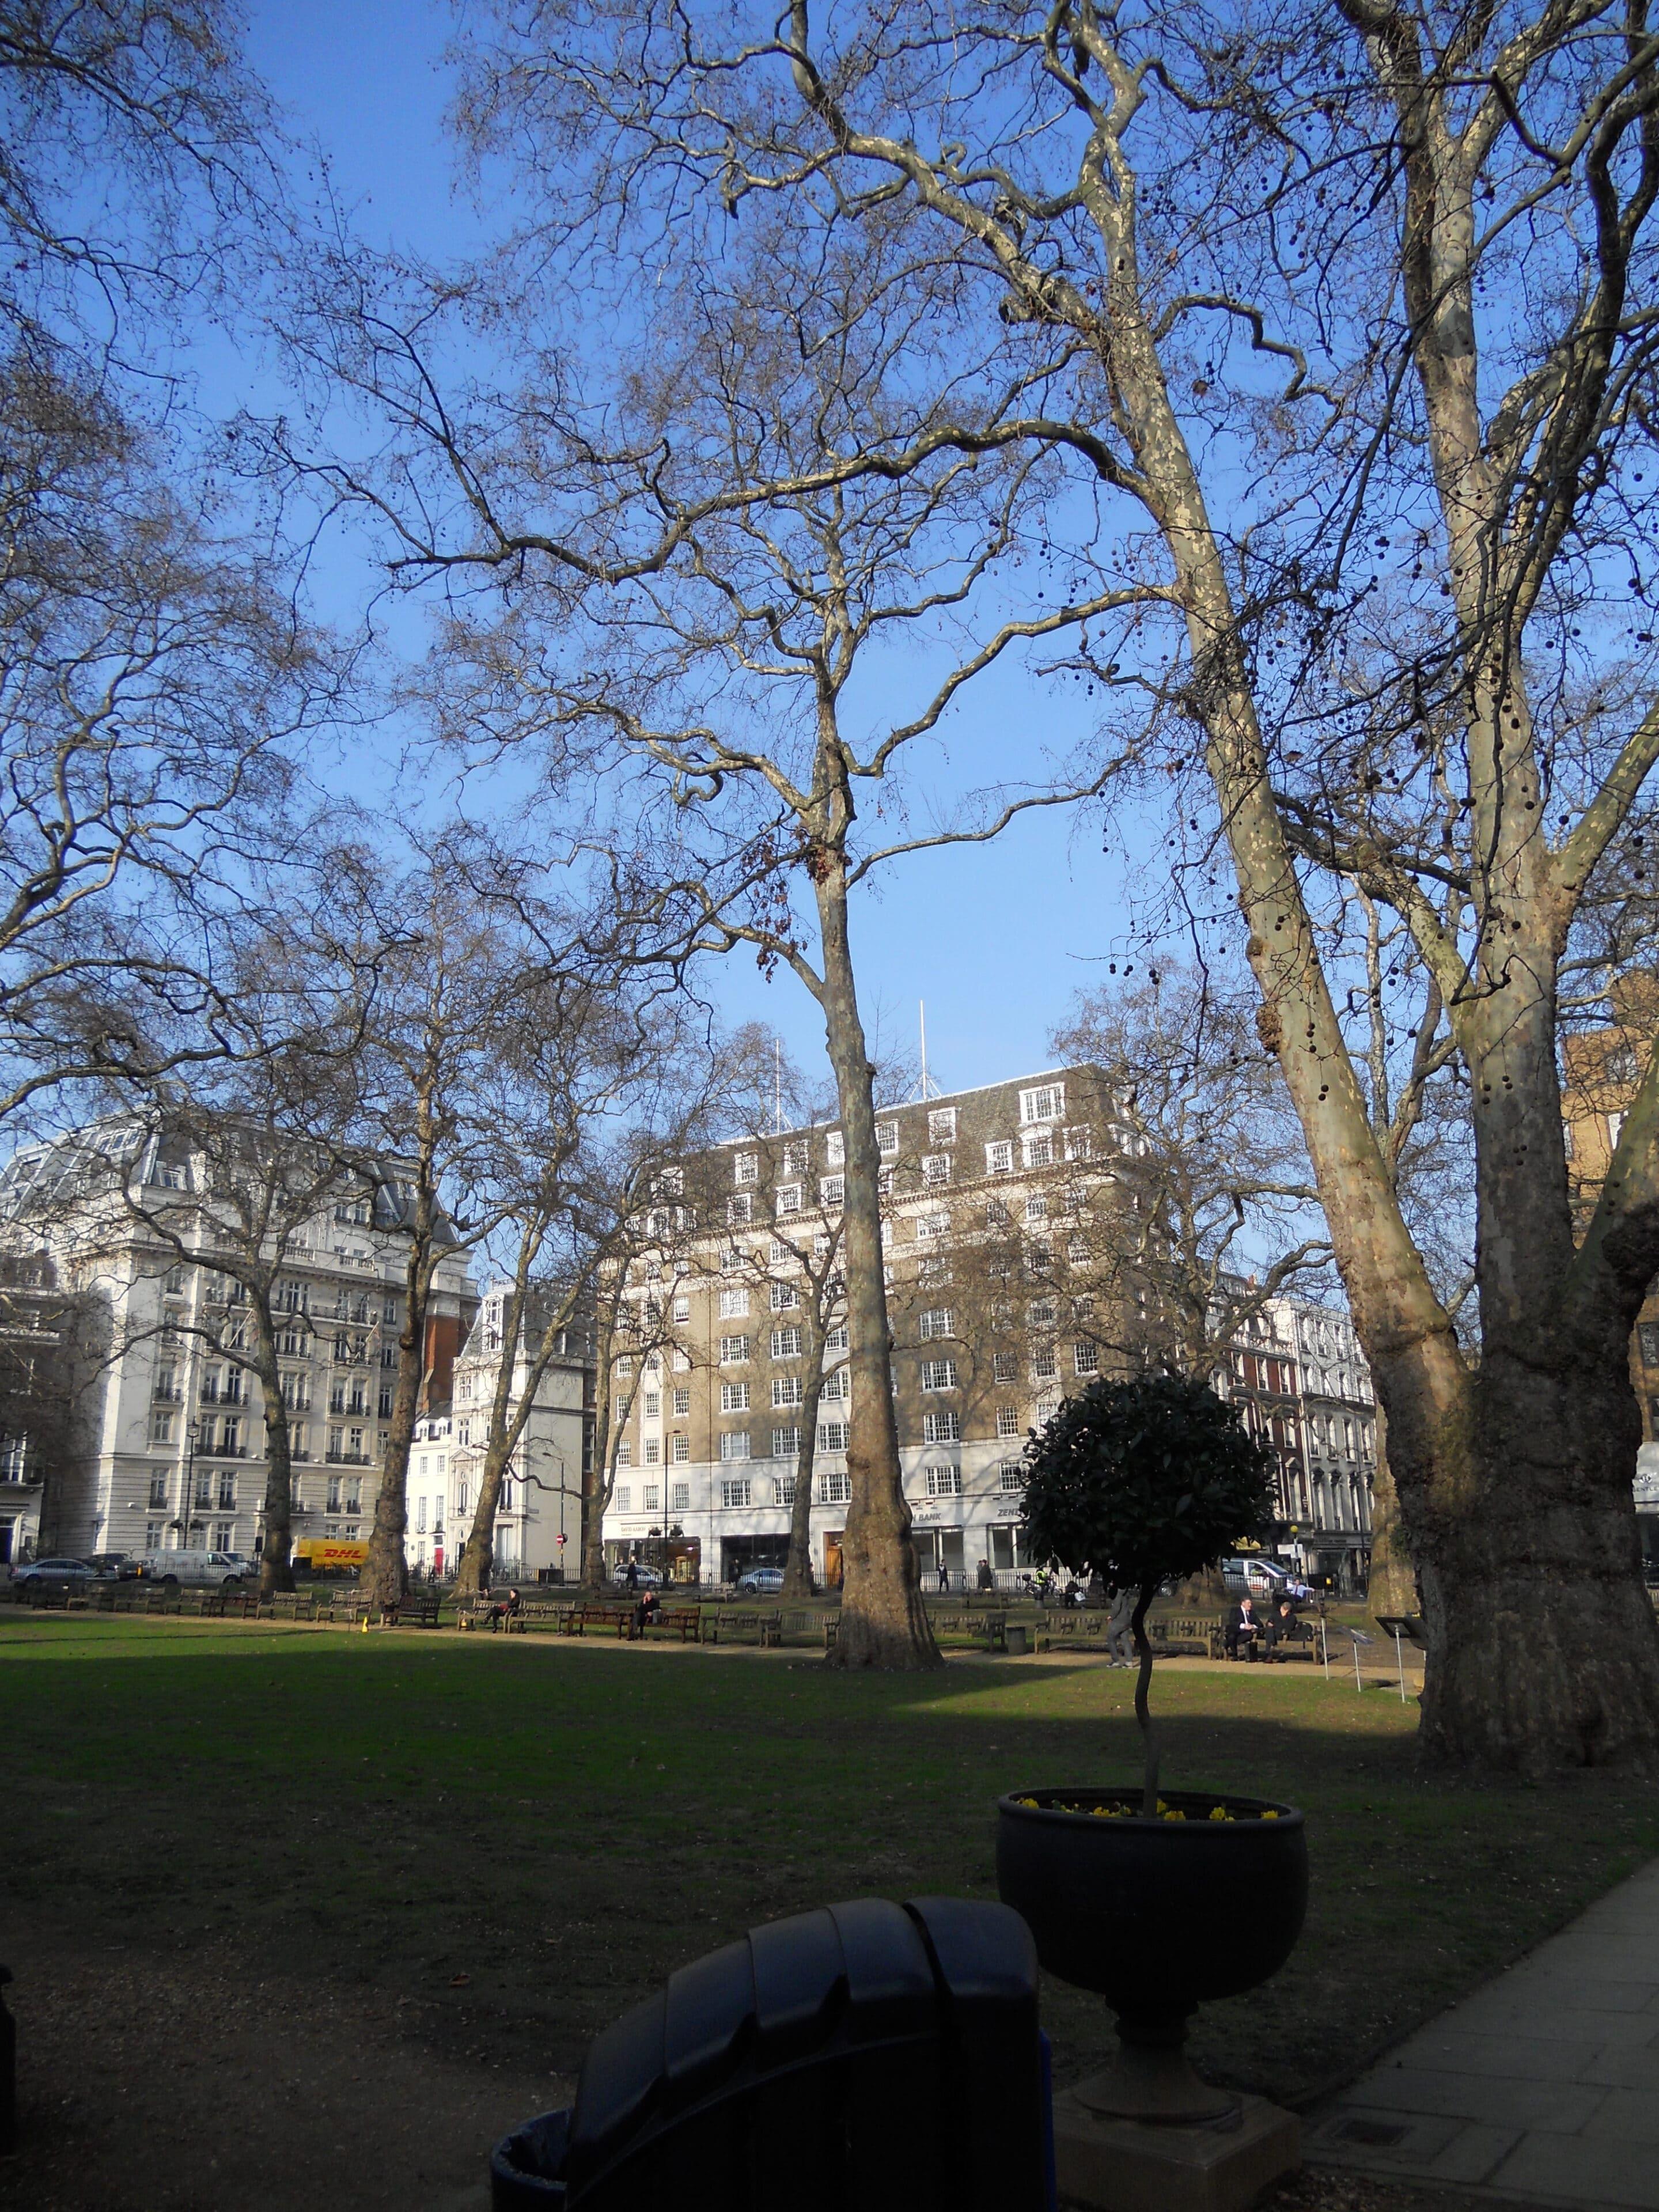 Spöken och näktergalar i Berkeley Square i London